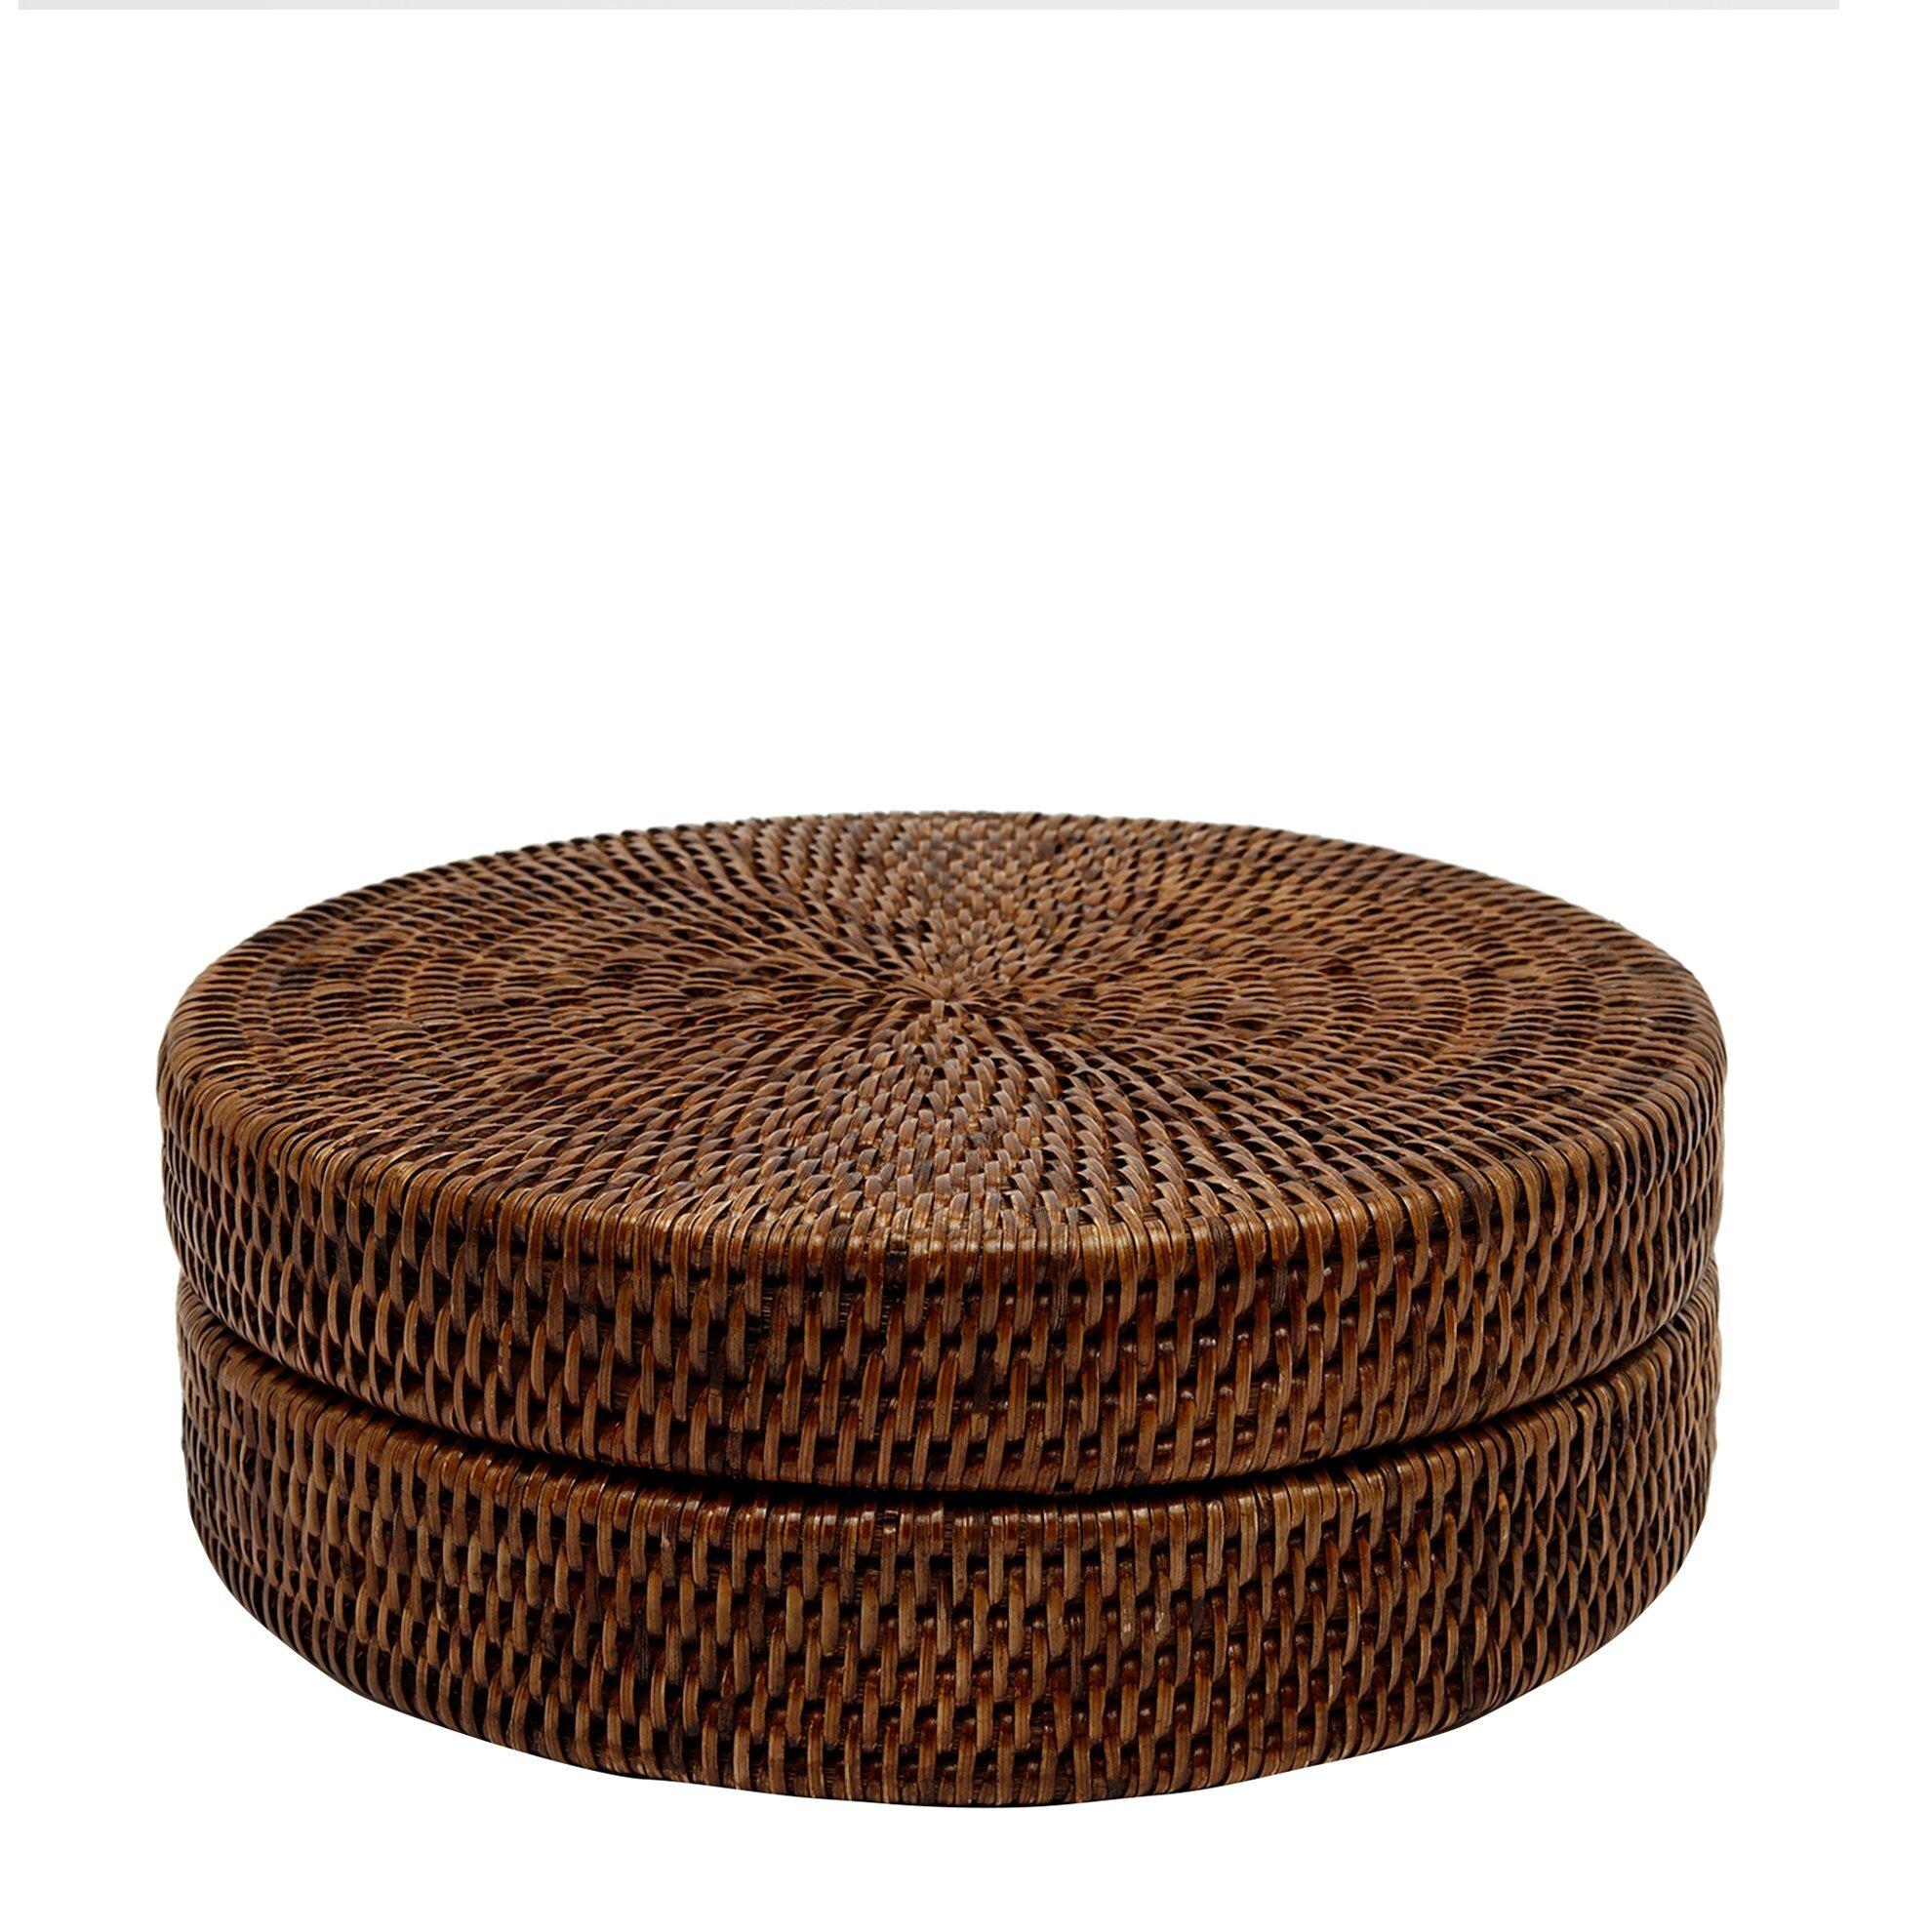 Dekoratif Obje - Kutu (30x10cm)